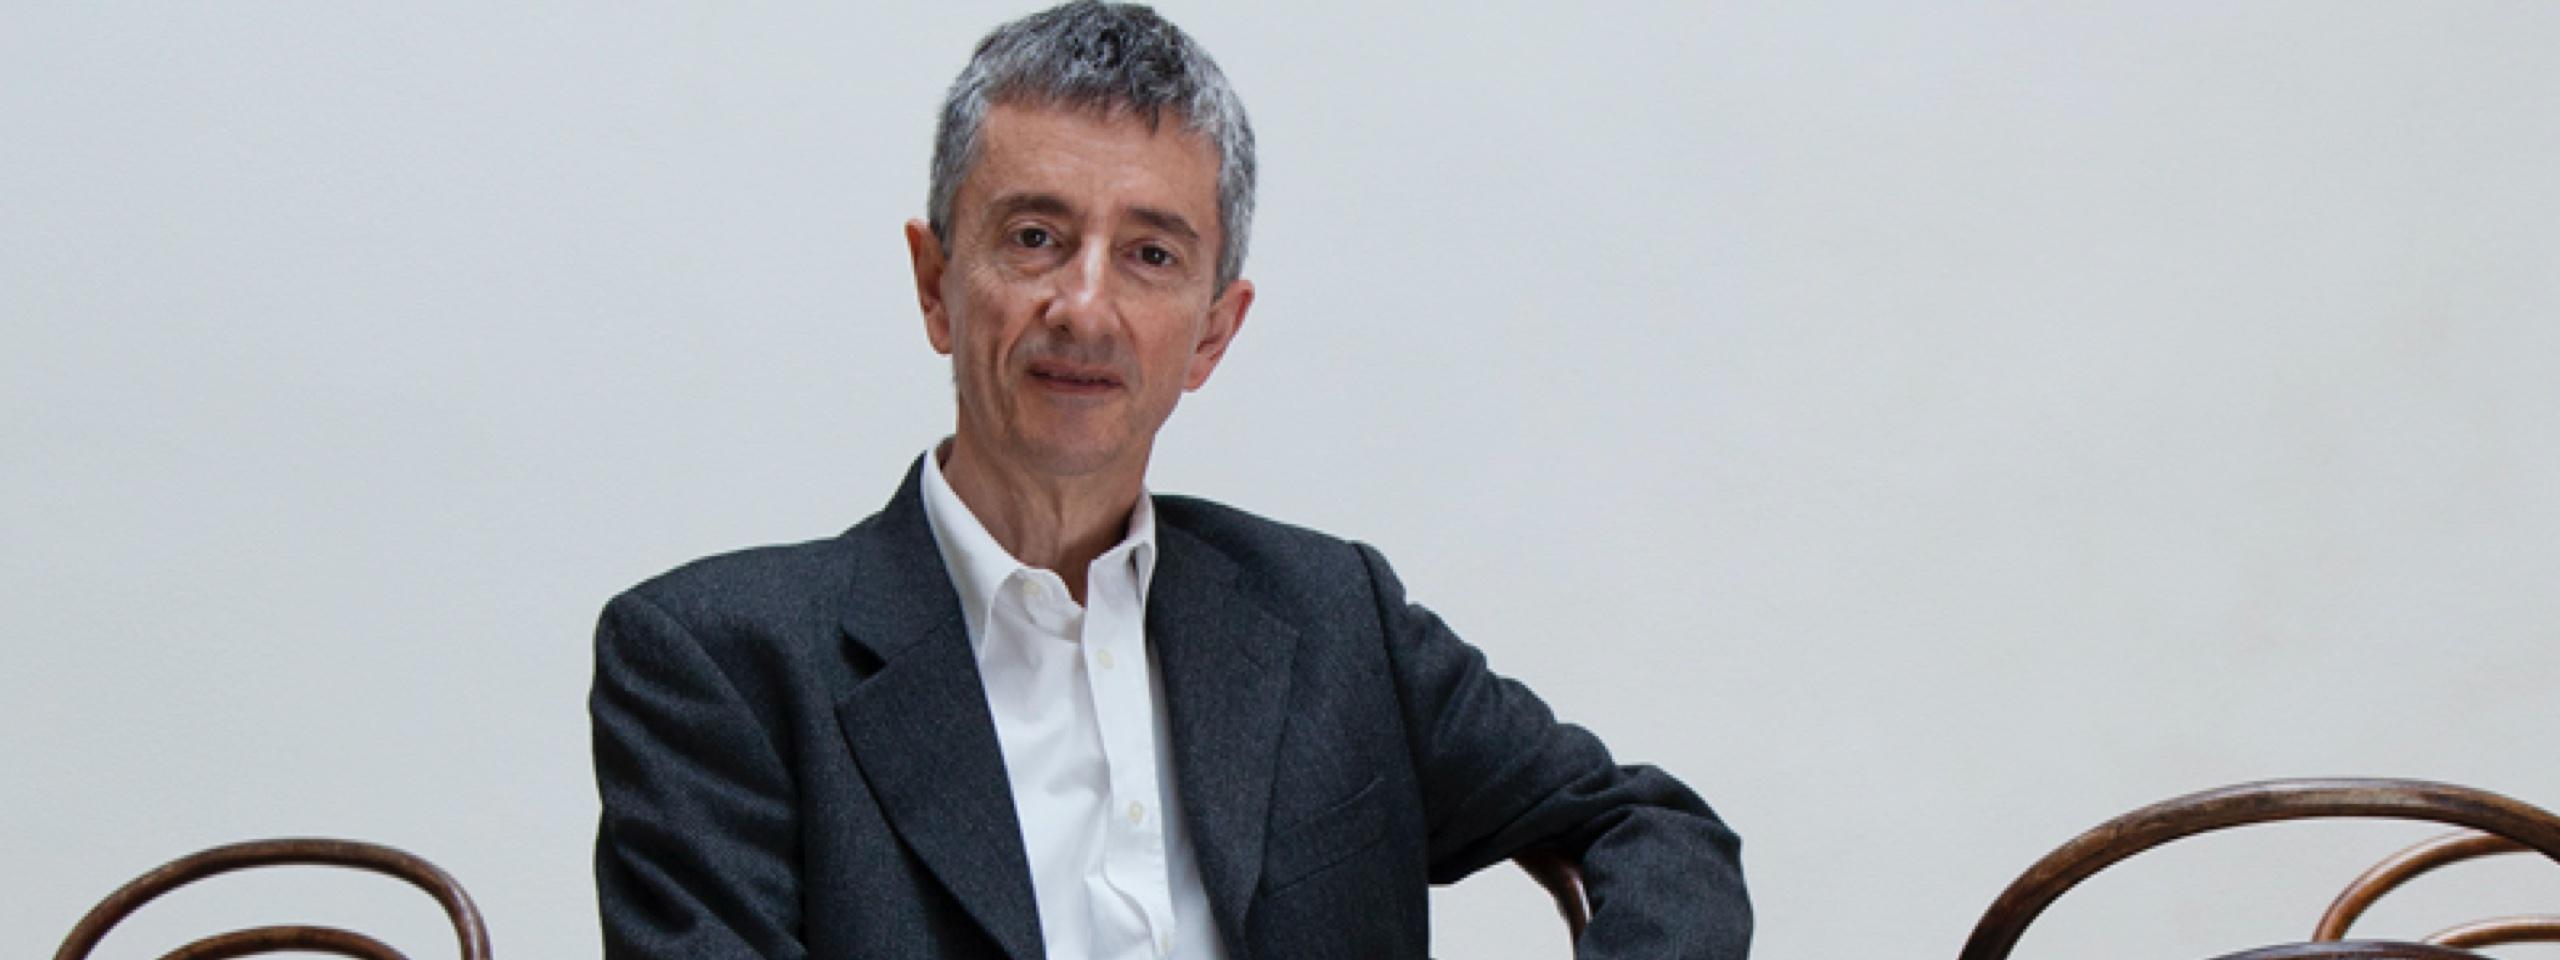 Vittorio Magnago Lampugnani